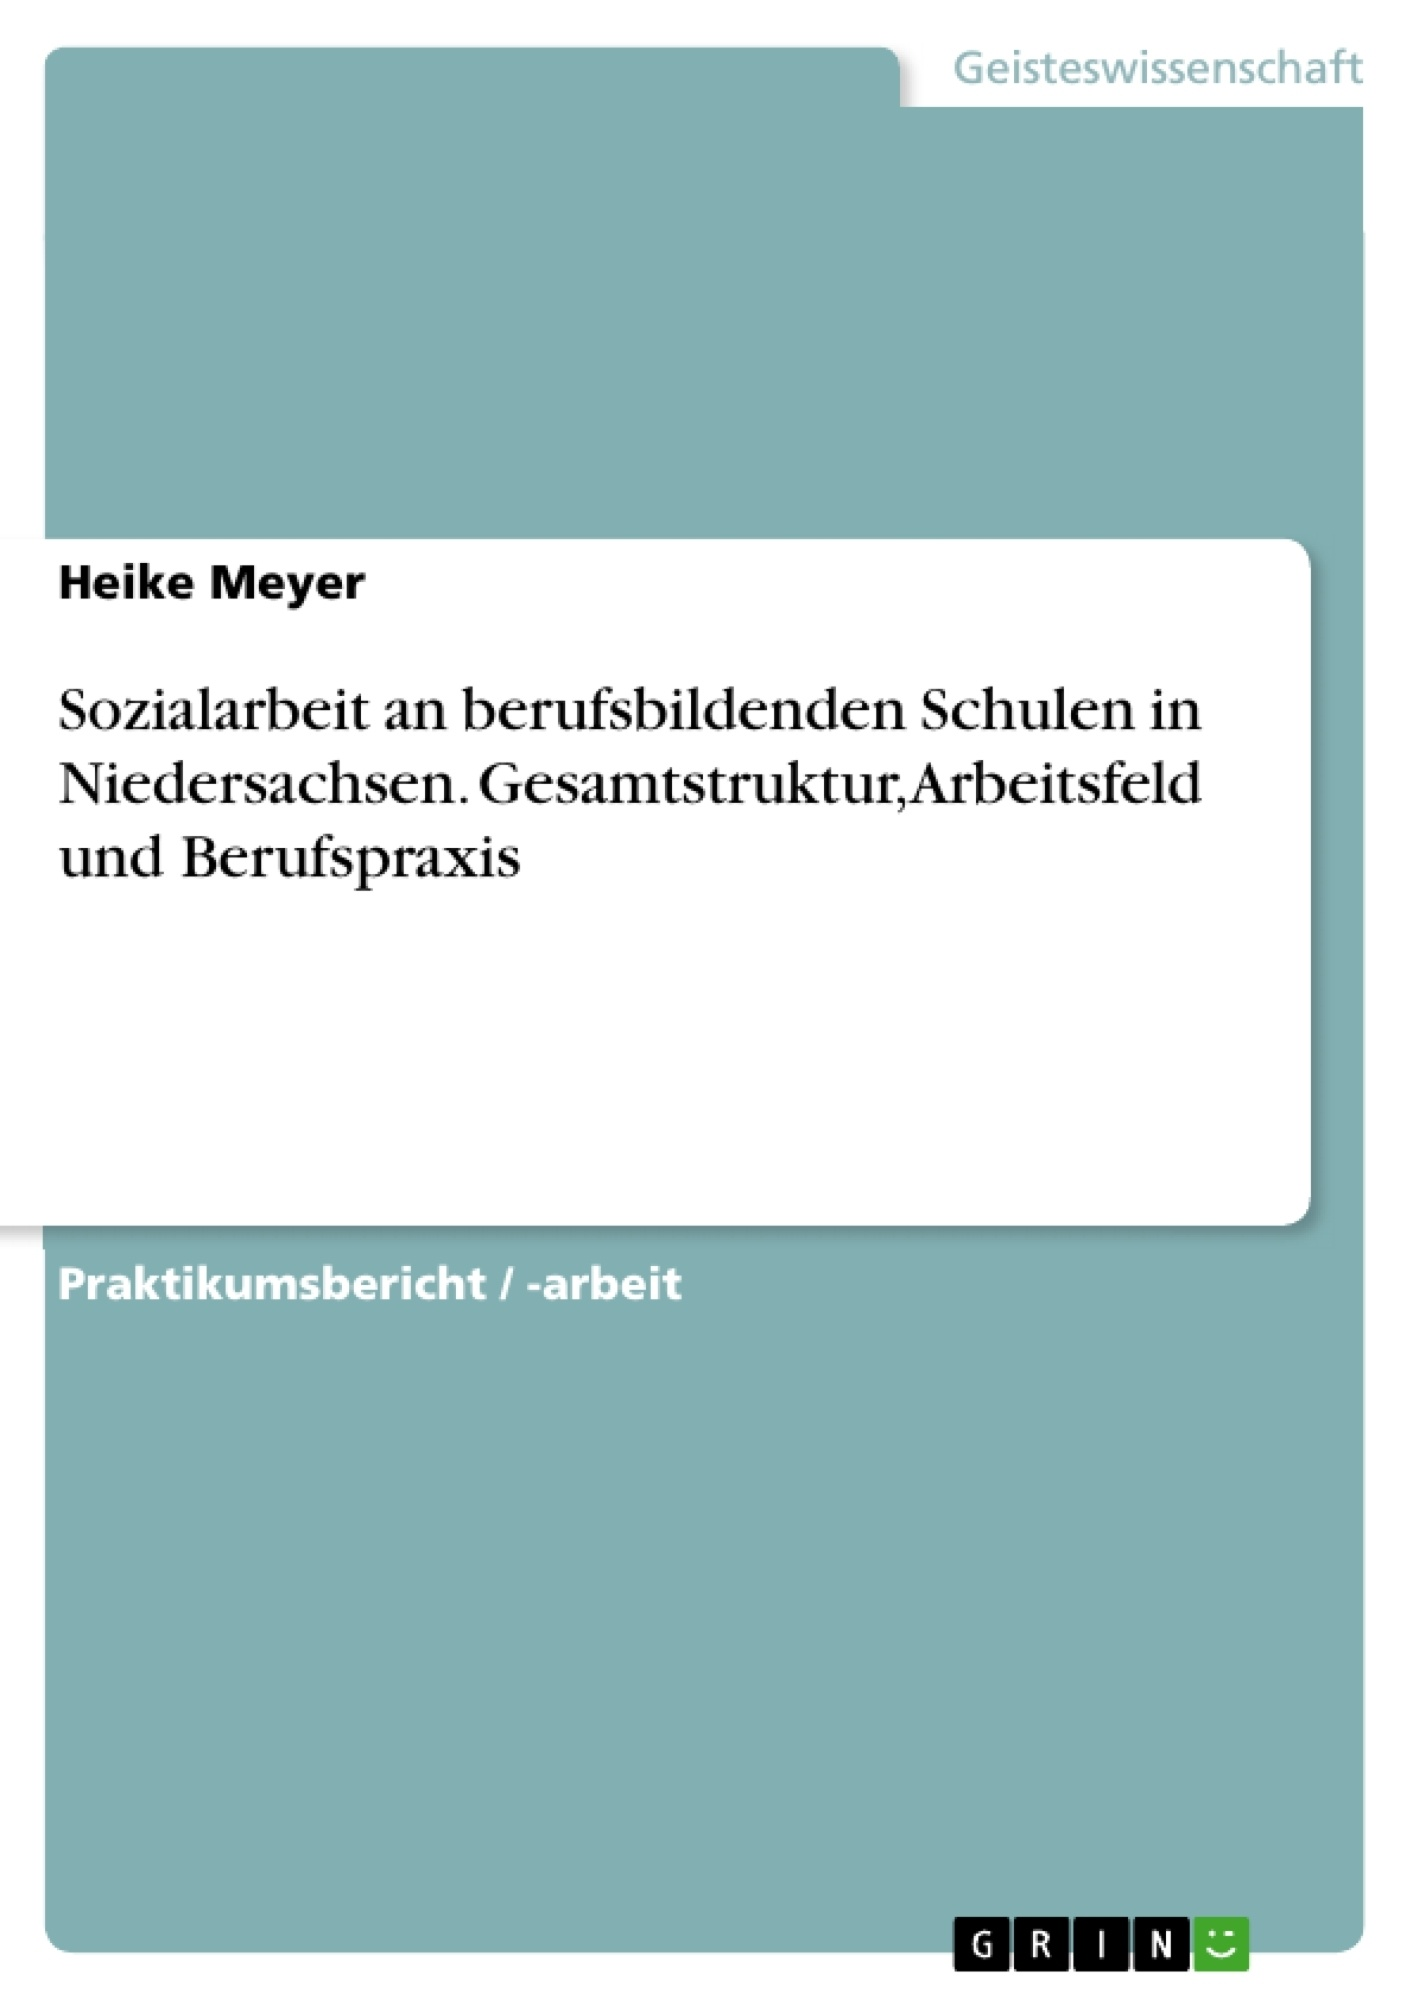 Titel: Sozialarbeit an berufsbildenden Schulen in Niedersachsen. Gesamtstruktur, Arbeitsfeld und Berufspraxis